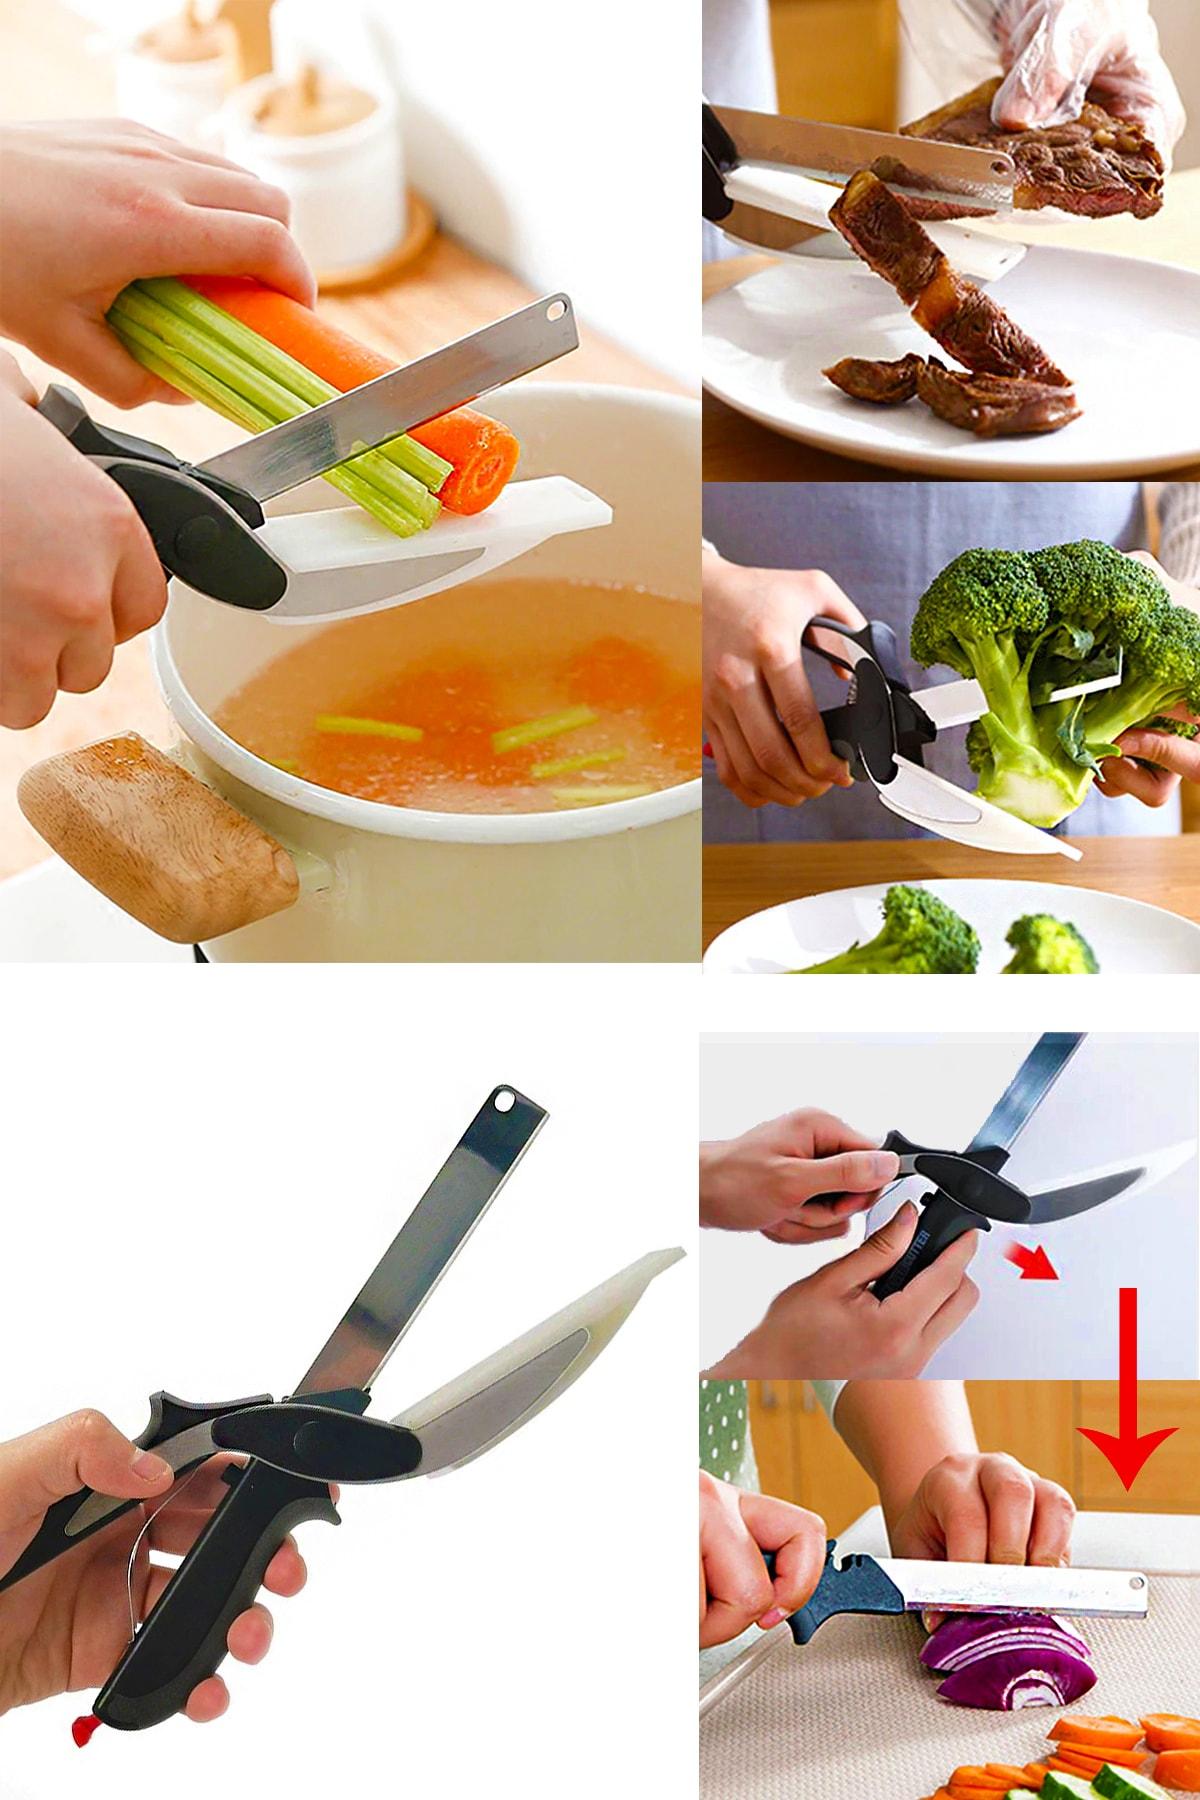 Helen's Home Düz Kesim Panolu Makas Sebze Meyve Et Doğrayıcı Mutfak Makası 0